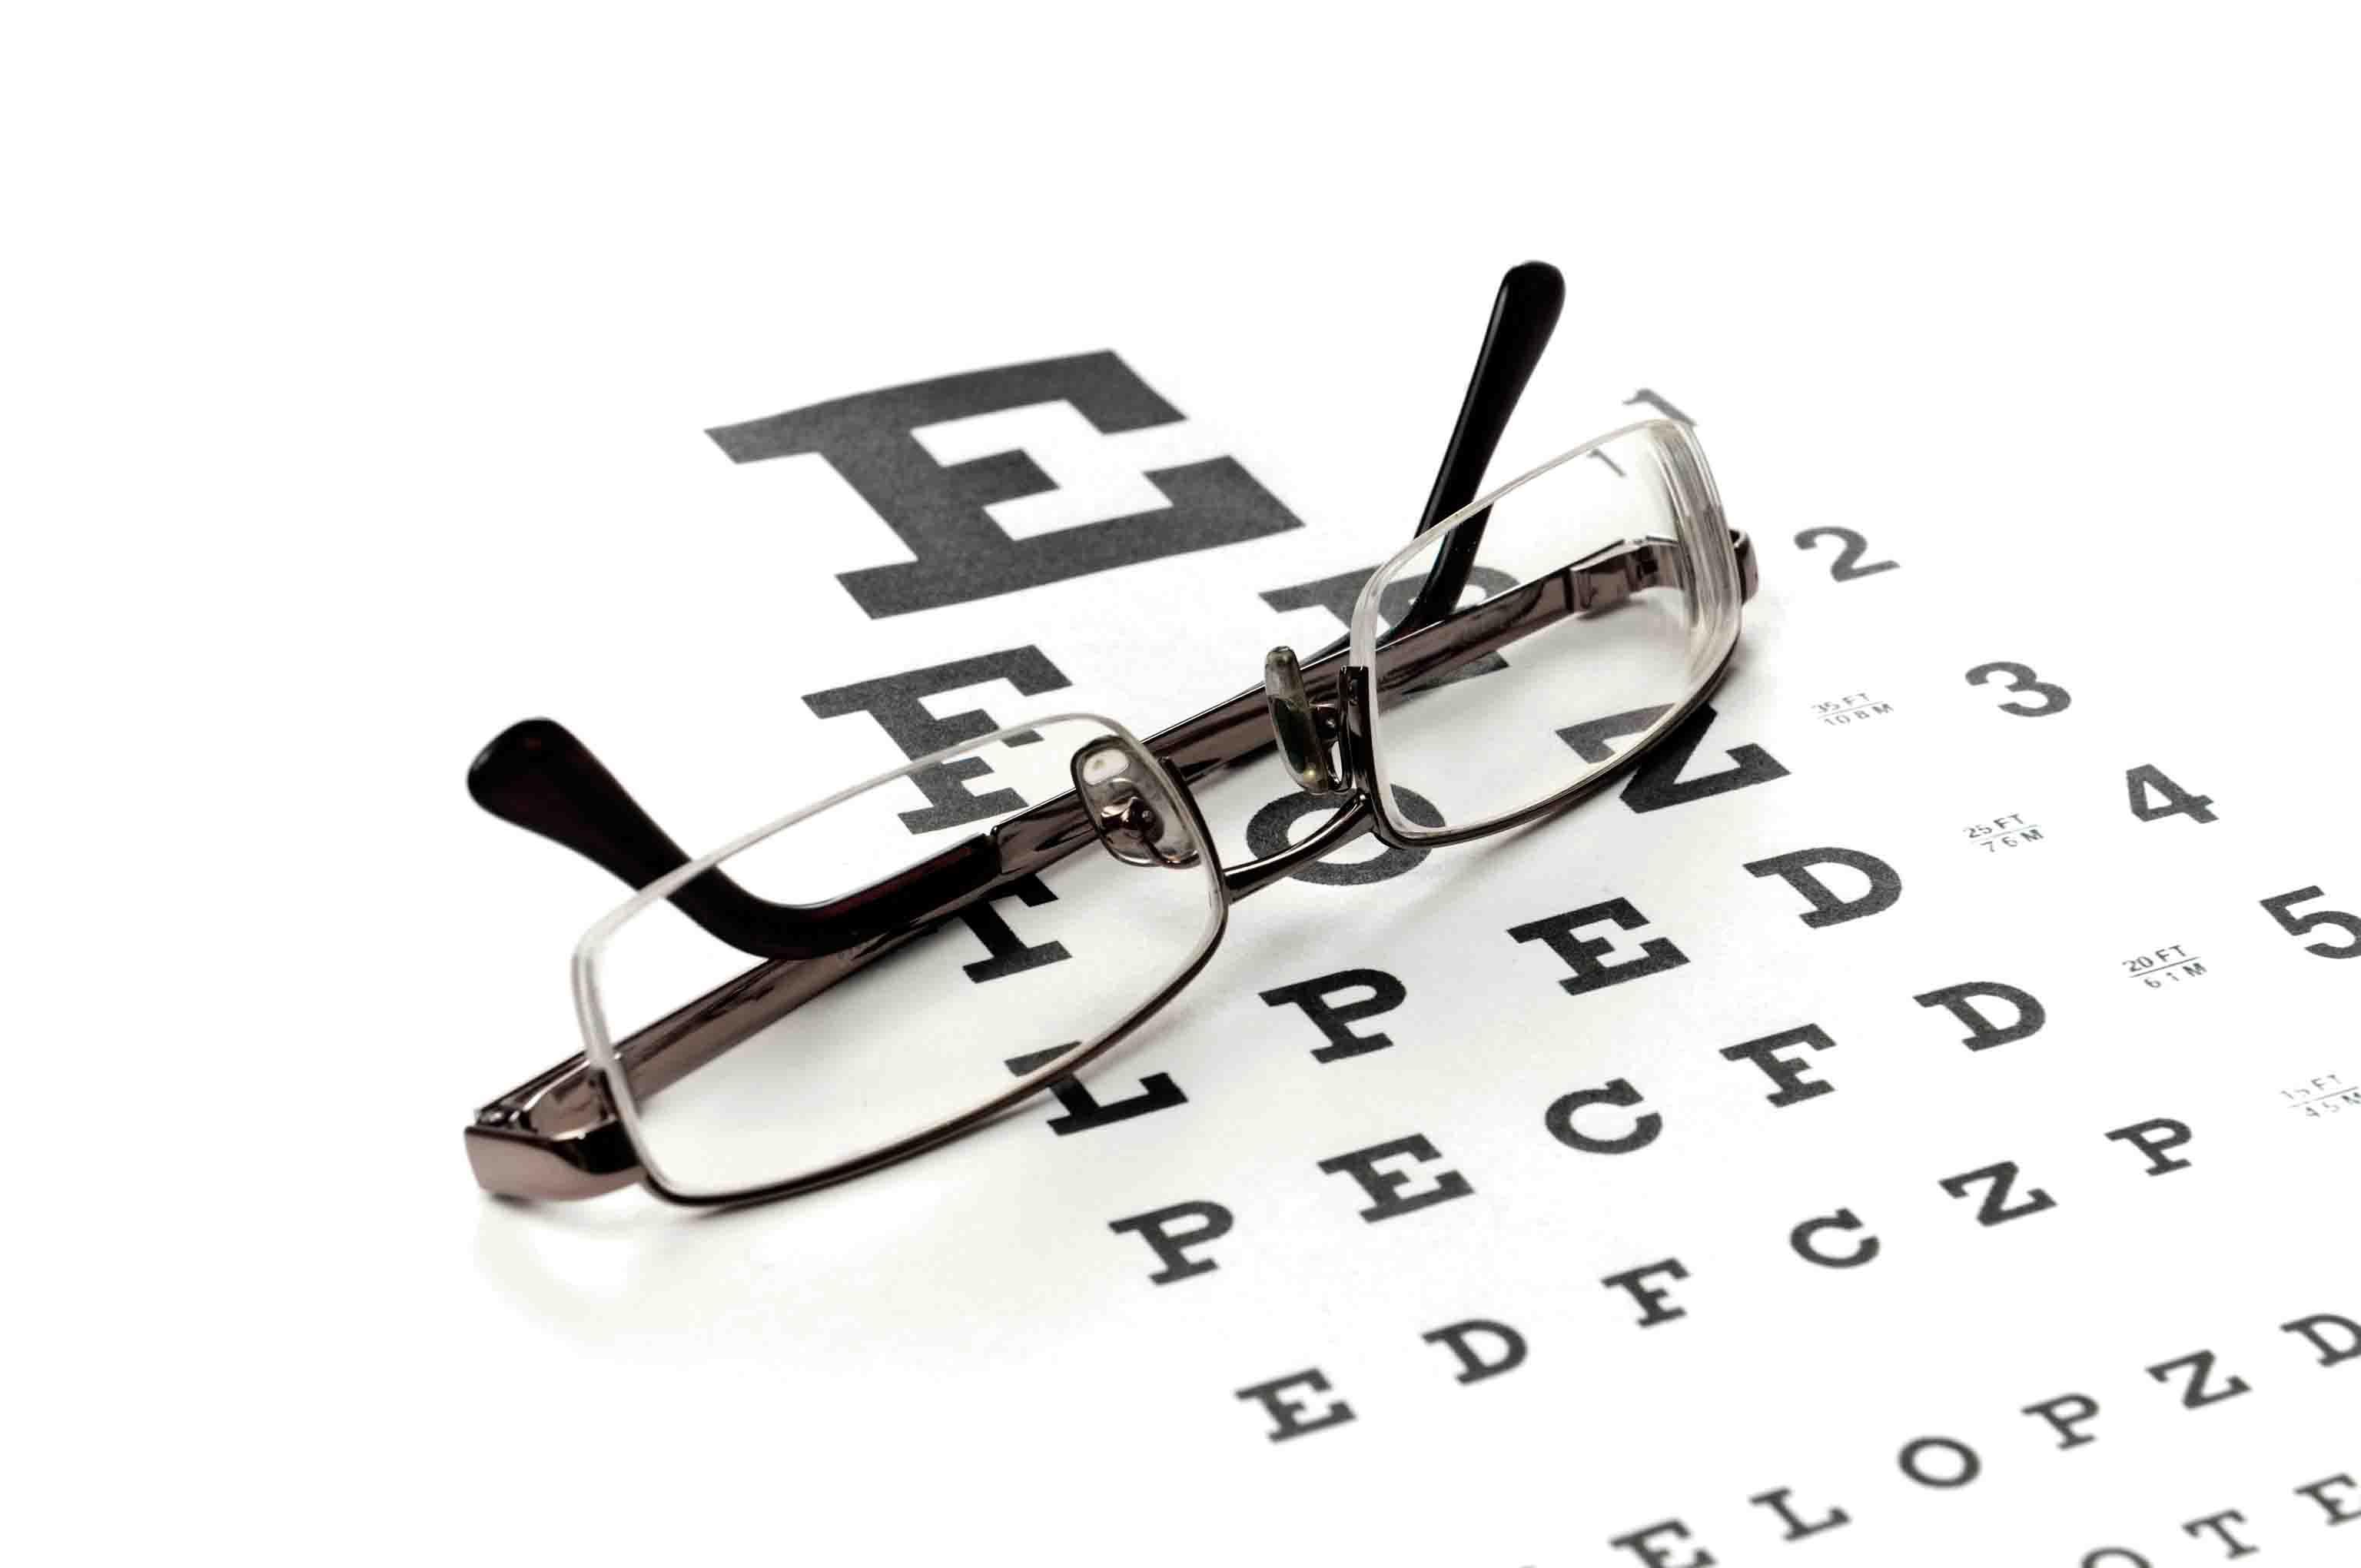 Óculos e refração